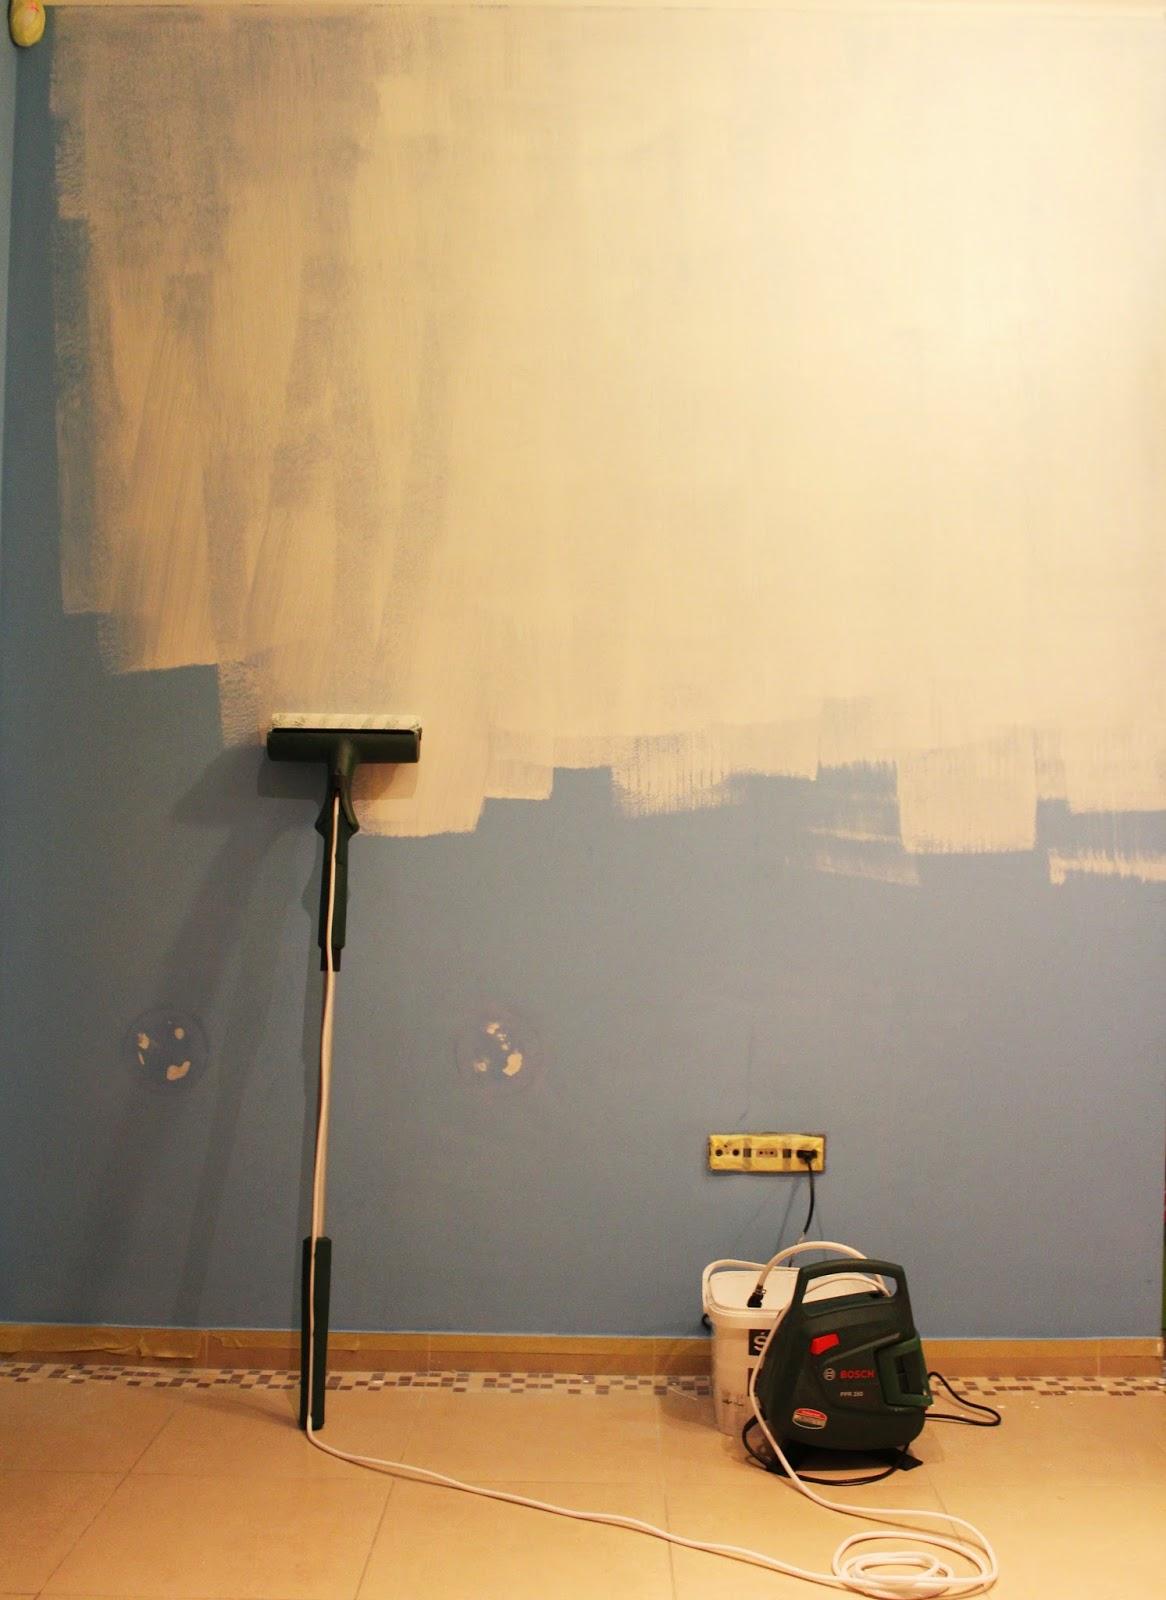 wałek bosch,kompresor do malowania ścian,malowanie ścian szybko i łątwo,krok po kroku jak malowac ściany,blog DIy krok po kroku malowanie ścian,DIY malowanie na biało,wnętrza,design,interiors